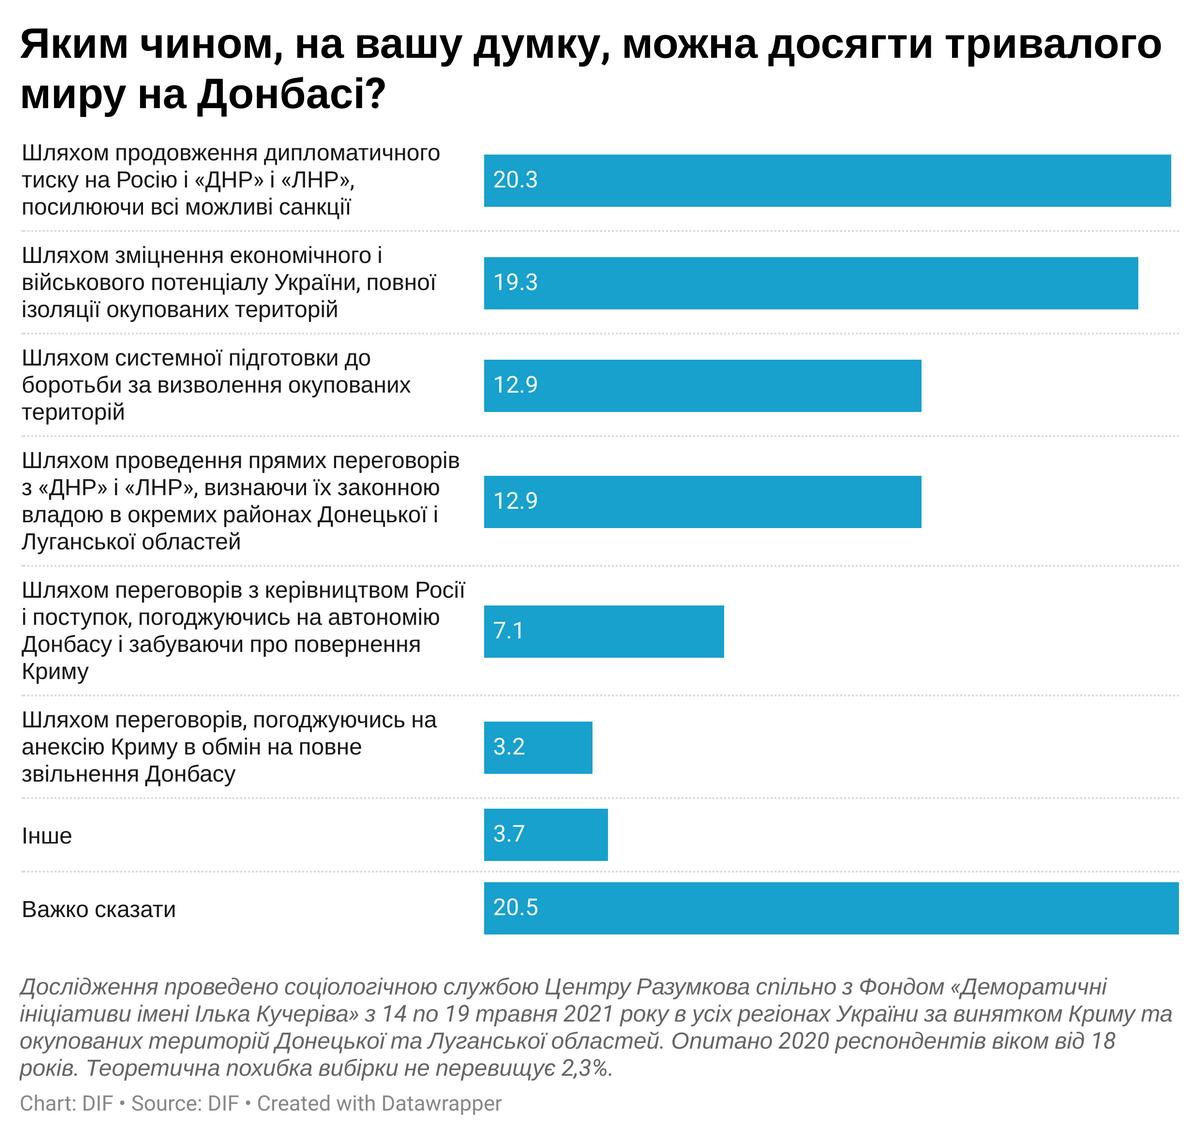 Украинцы назвали два варианта для устойчивого мира на Донбассе, фото-1